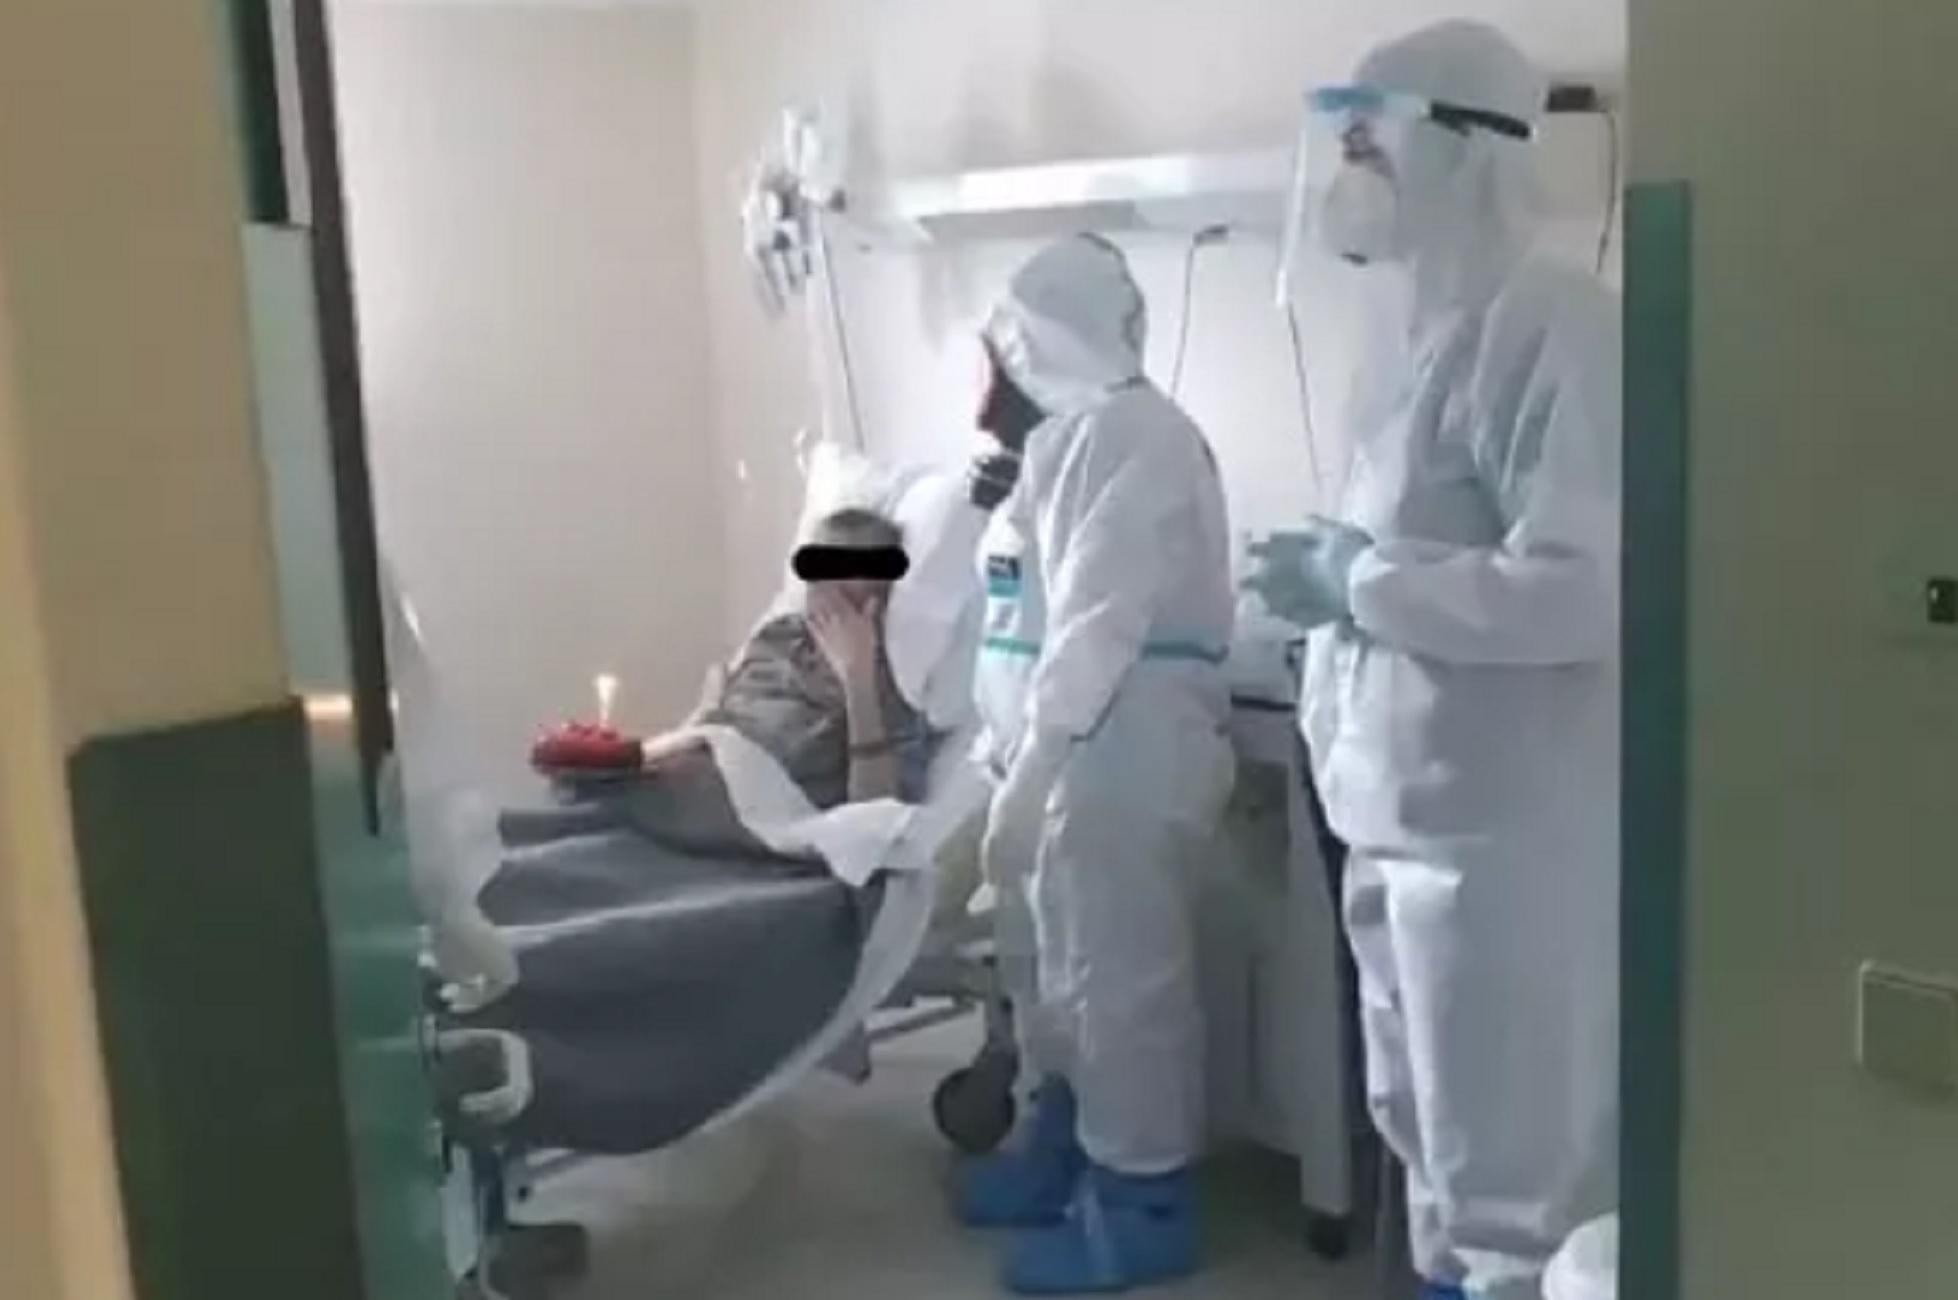 Βόλος - Κορονοϊός: Τα πιο δύσκολα γενέθλια - Δείτε την έκπληξη που έκανε  τον ασθενή να δακρύσει